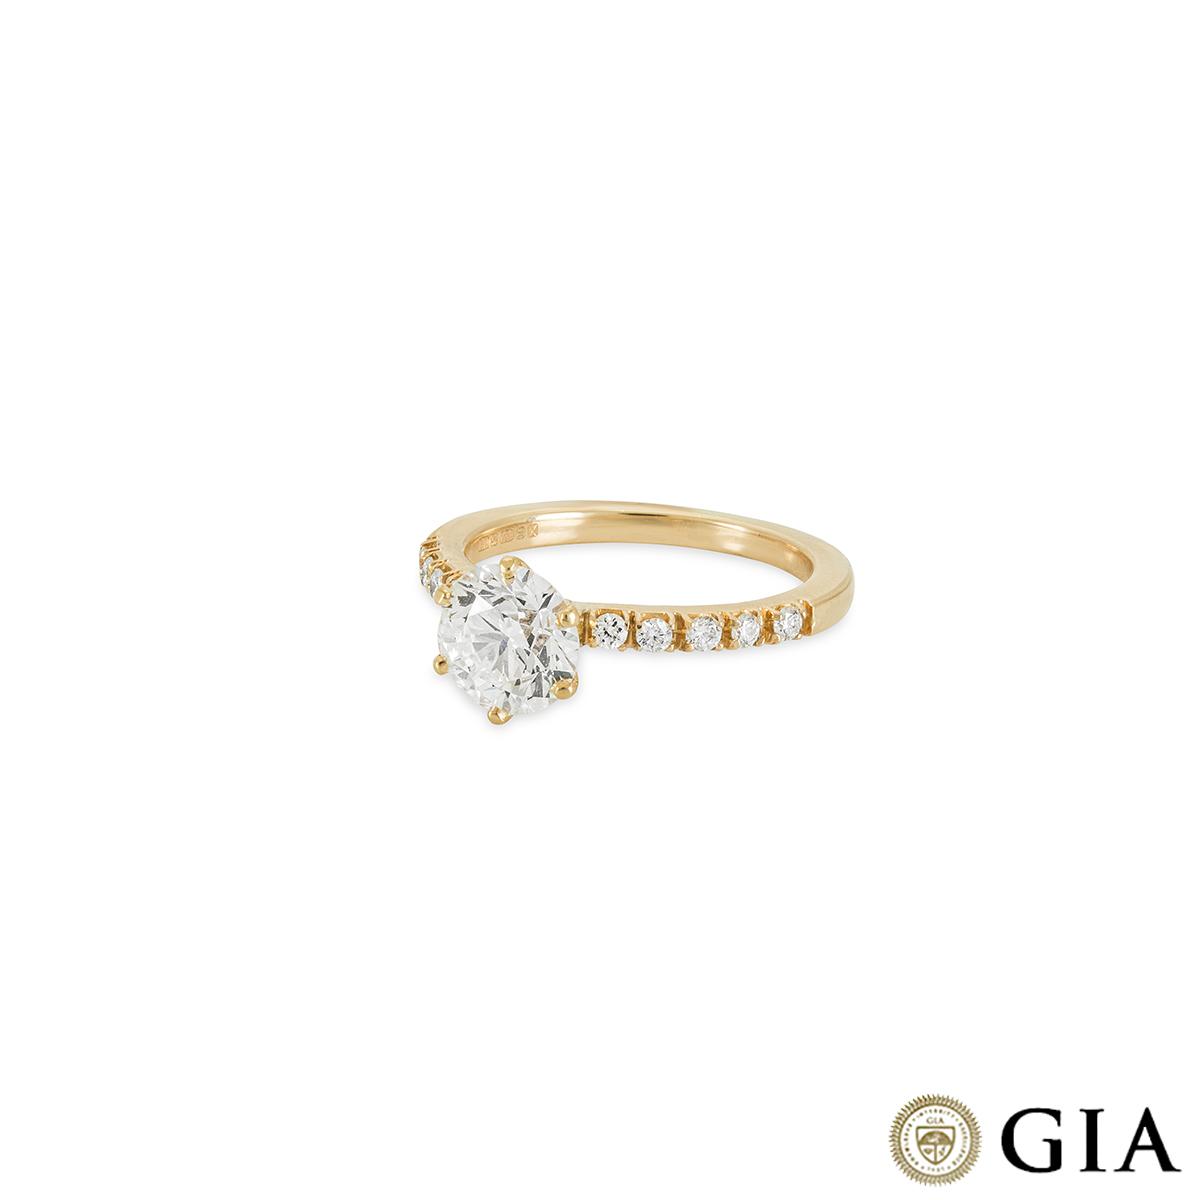 18k White Gold Round Brilliant Cut Diamond Ring 1.57ct G/VS2